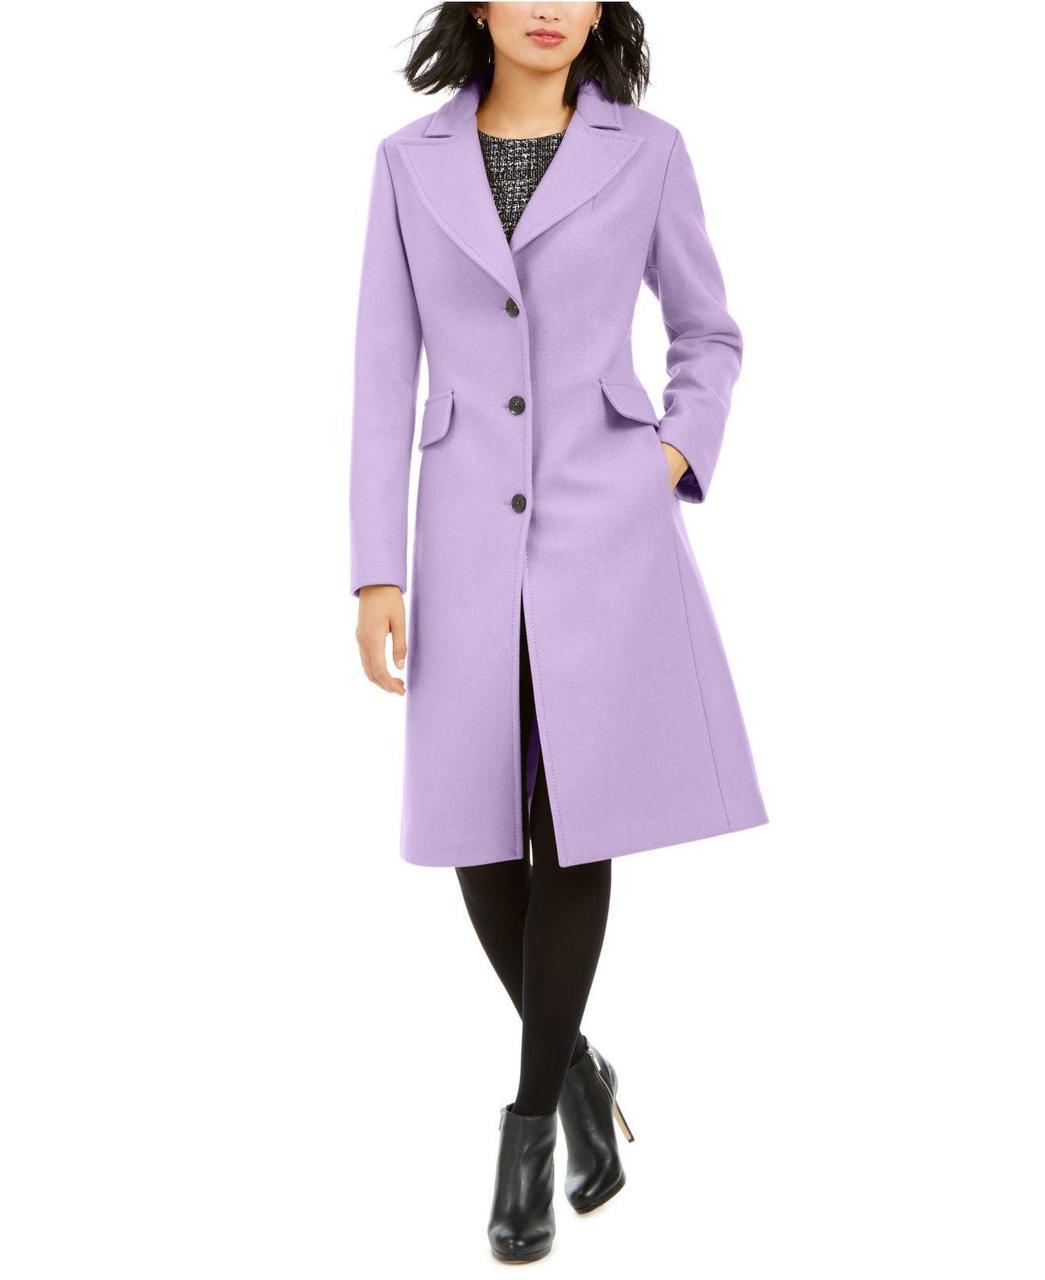 Kate Spade New York Женское пальто - Е2